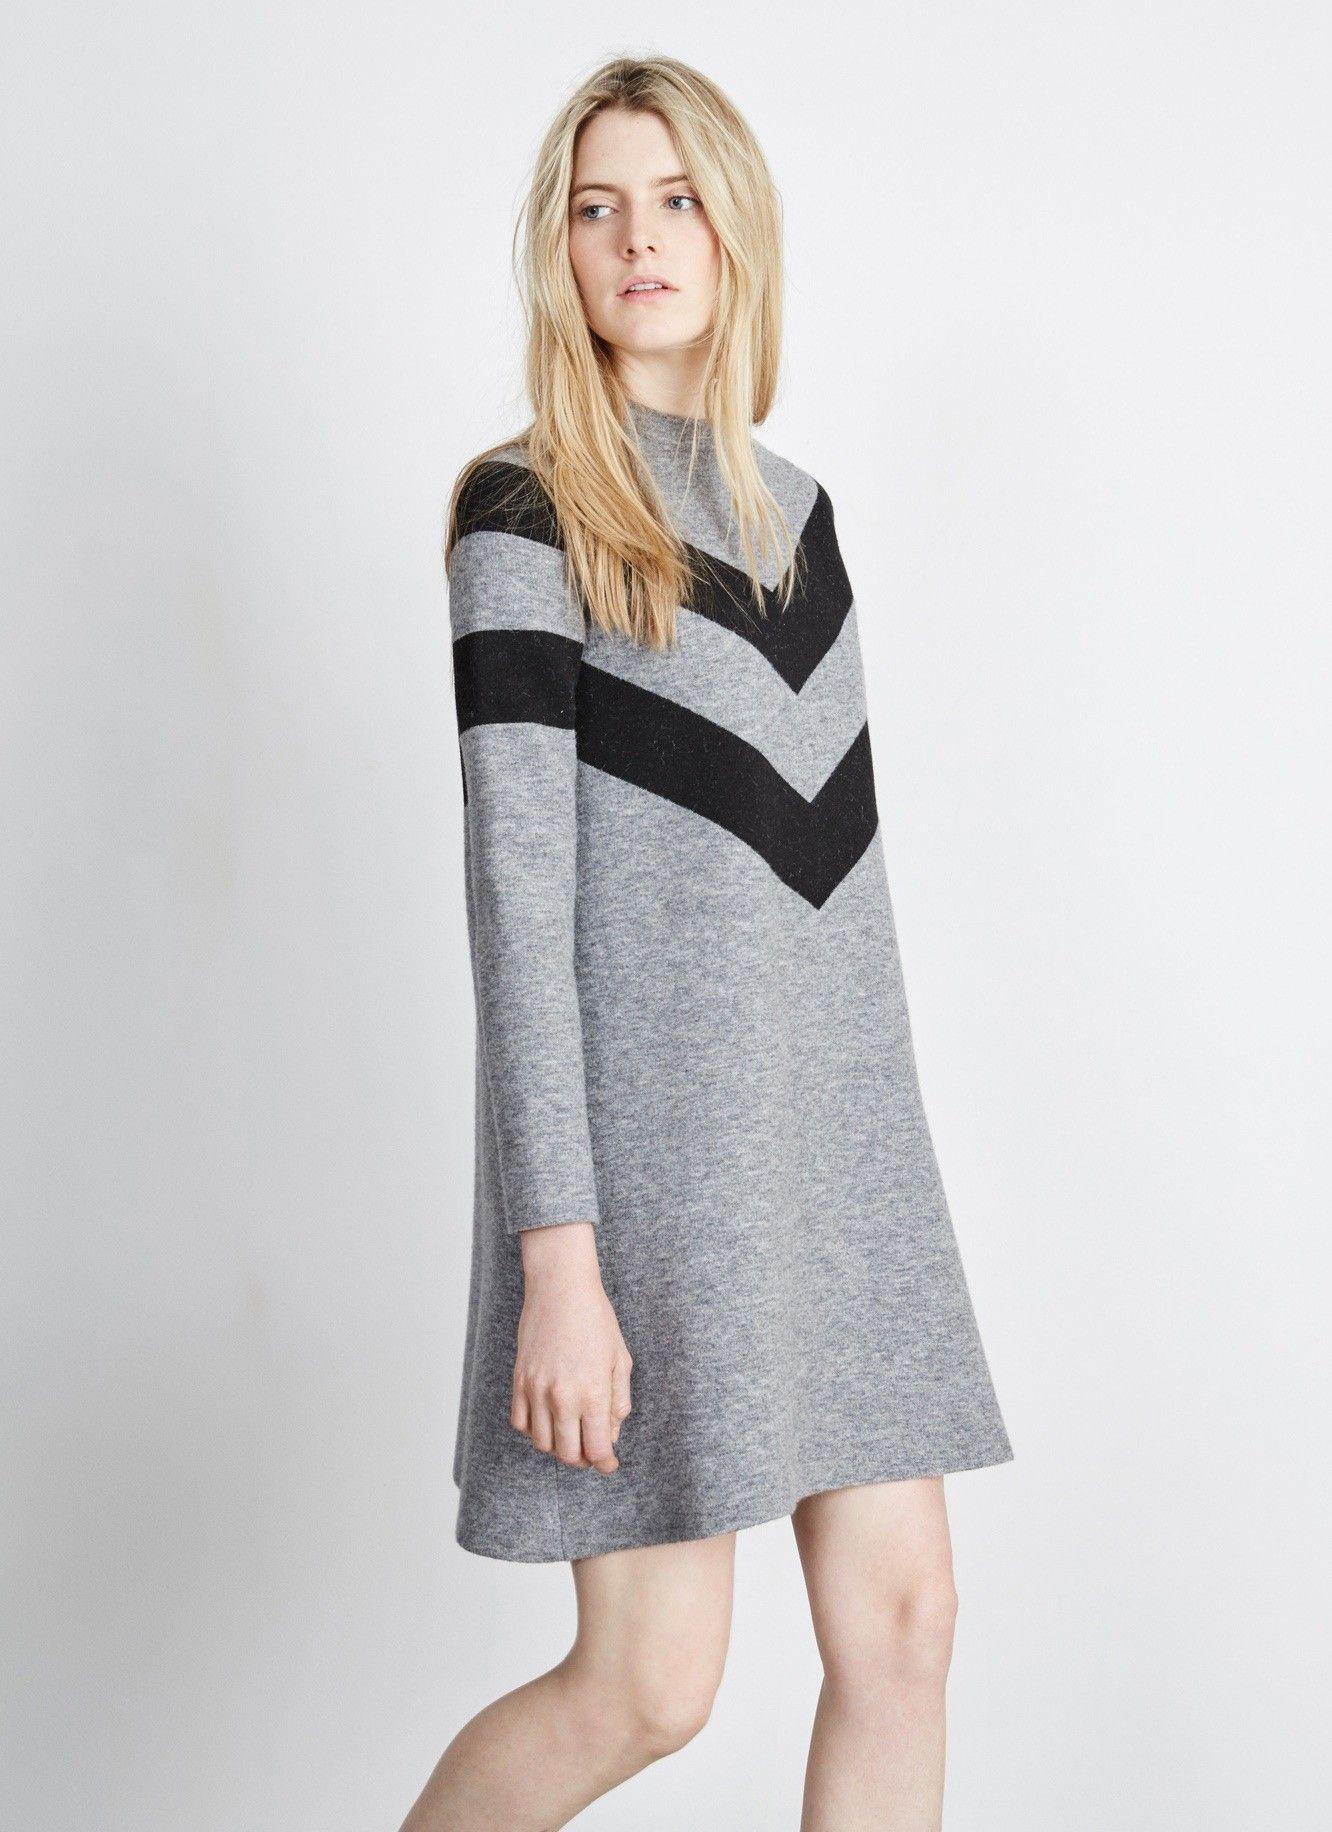 Vestido de lana con dibujo geom trico vestidos adolfo for Vestidos adolfo dominguez outlet online